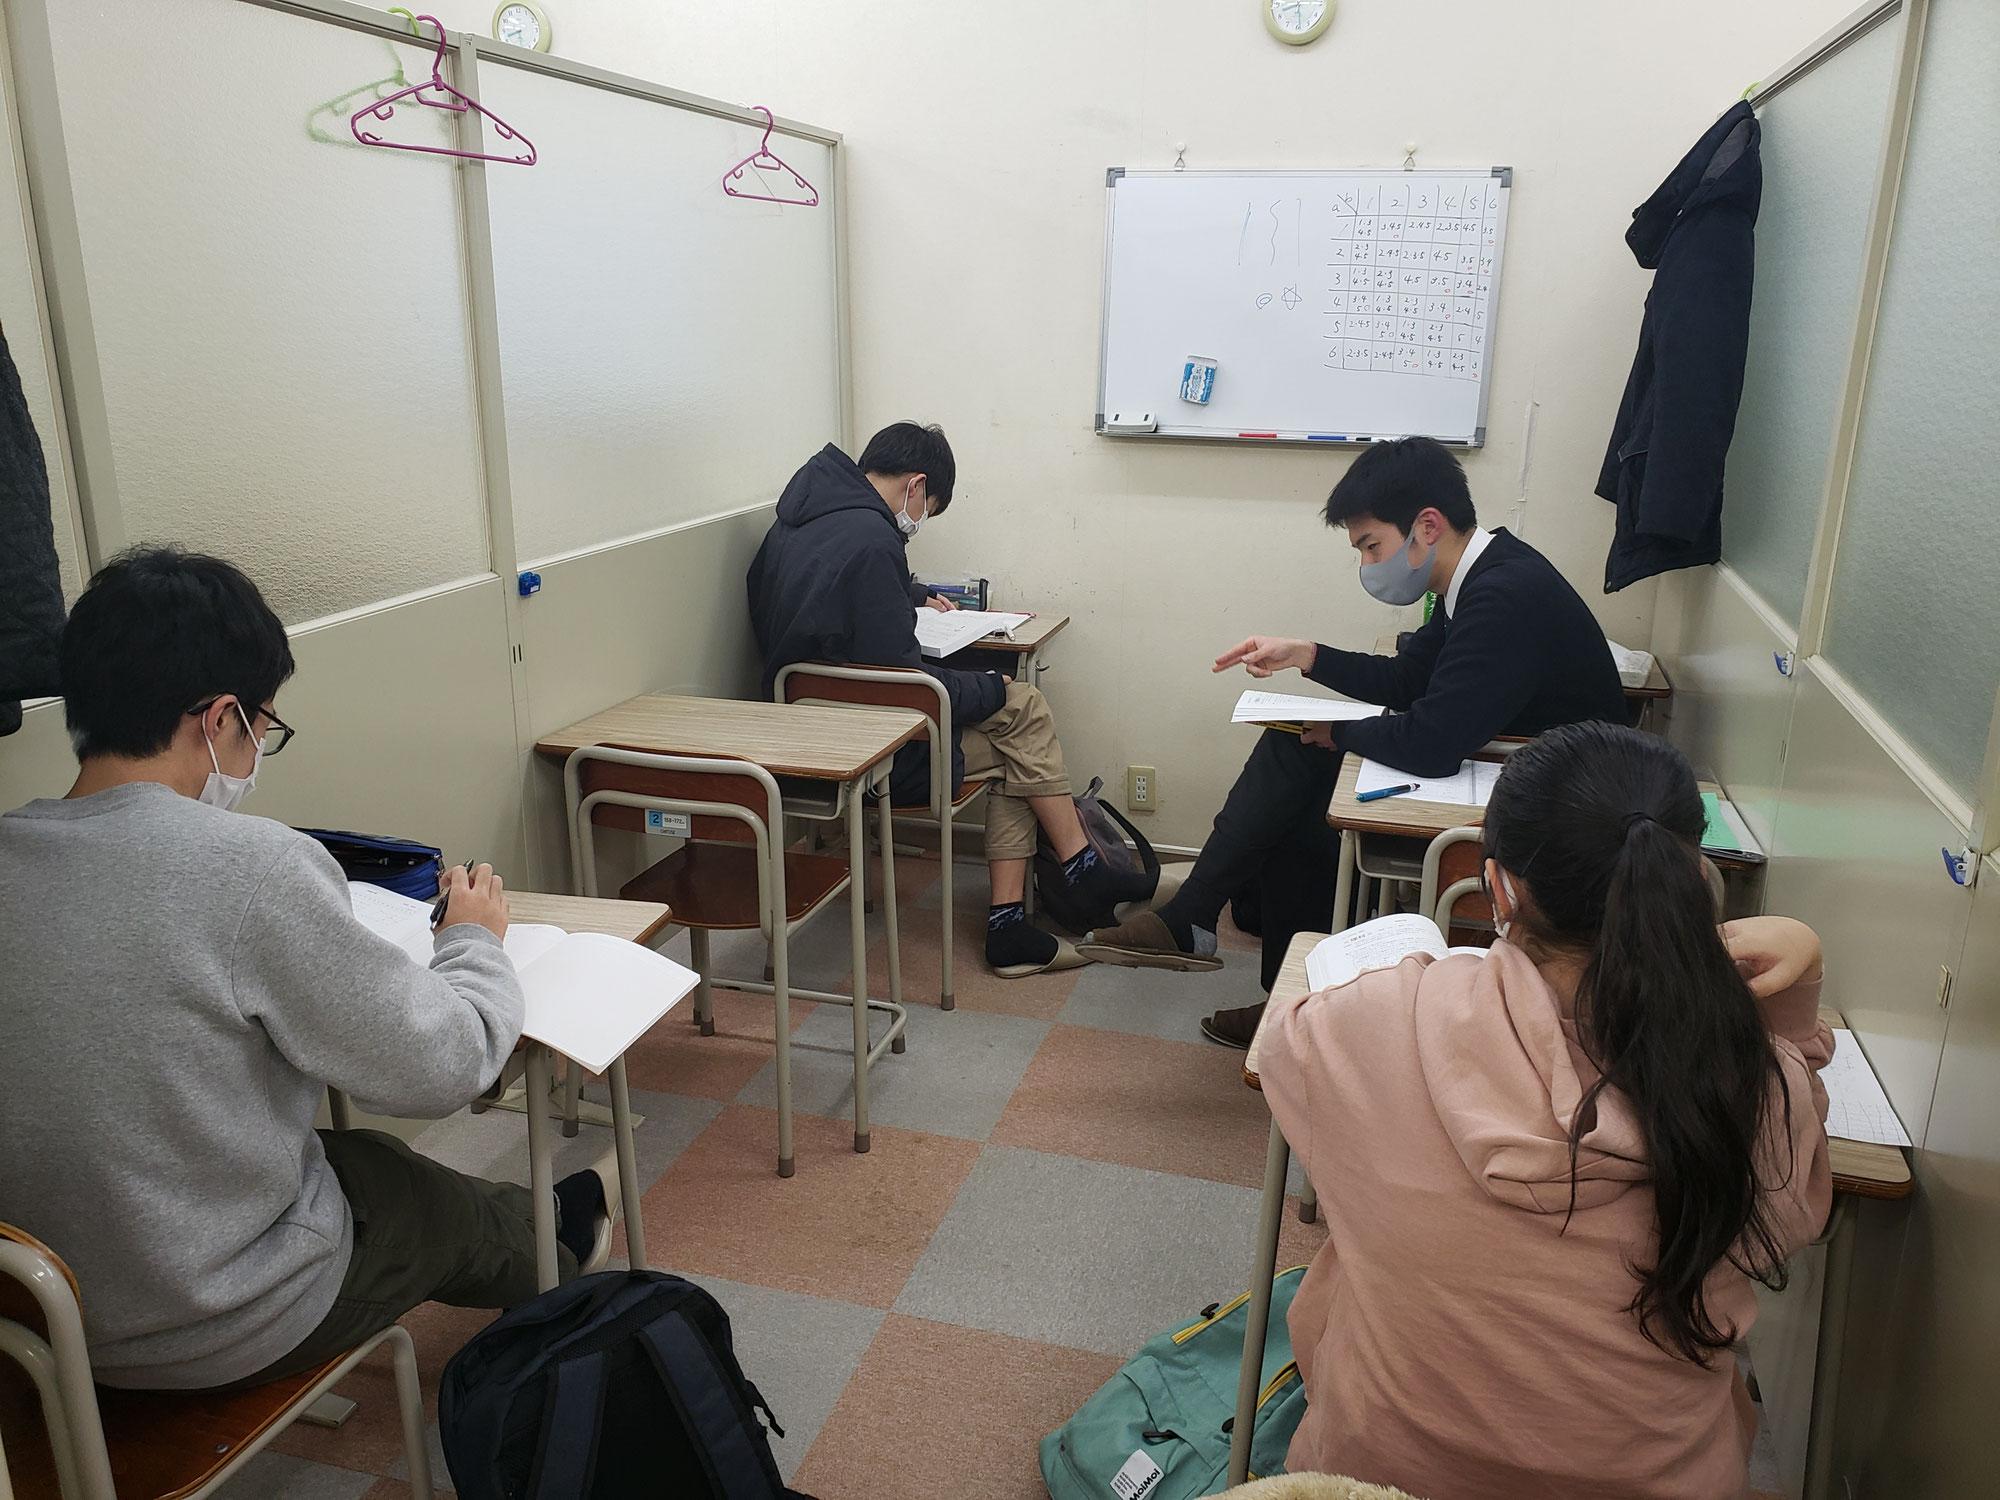 神奈川県立高校入試、筆記面接試験終了、お疲れ様でした。よく頑張りました(^_^)